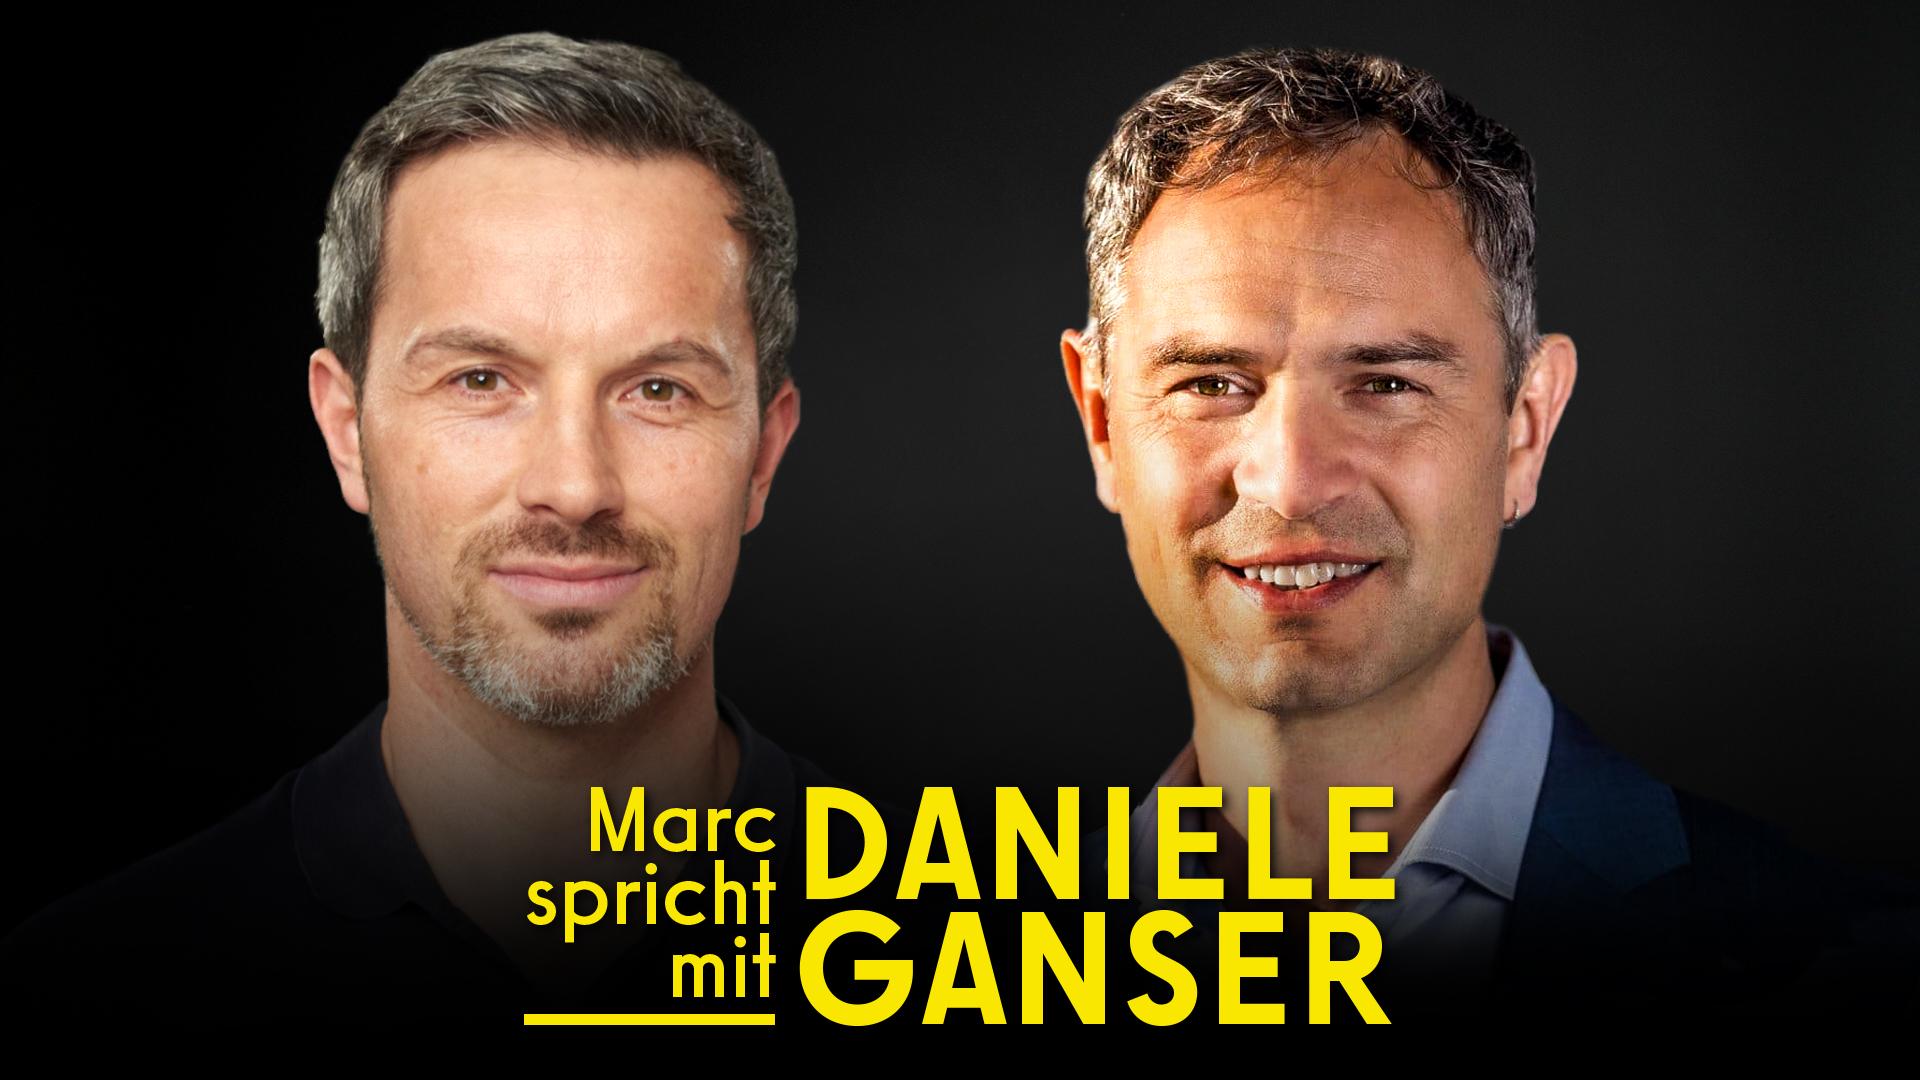 ANGST als Instrument zur Spaltung - doch wir sind stärker! (ID2020, Interview Daniele Ganser)